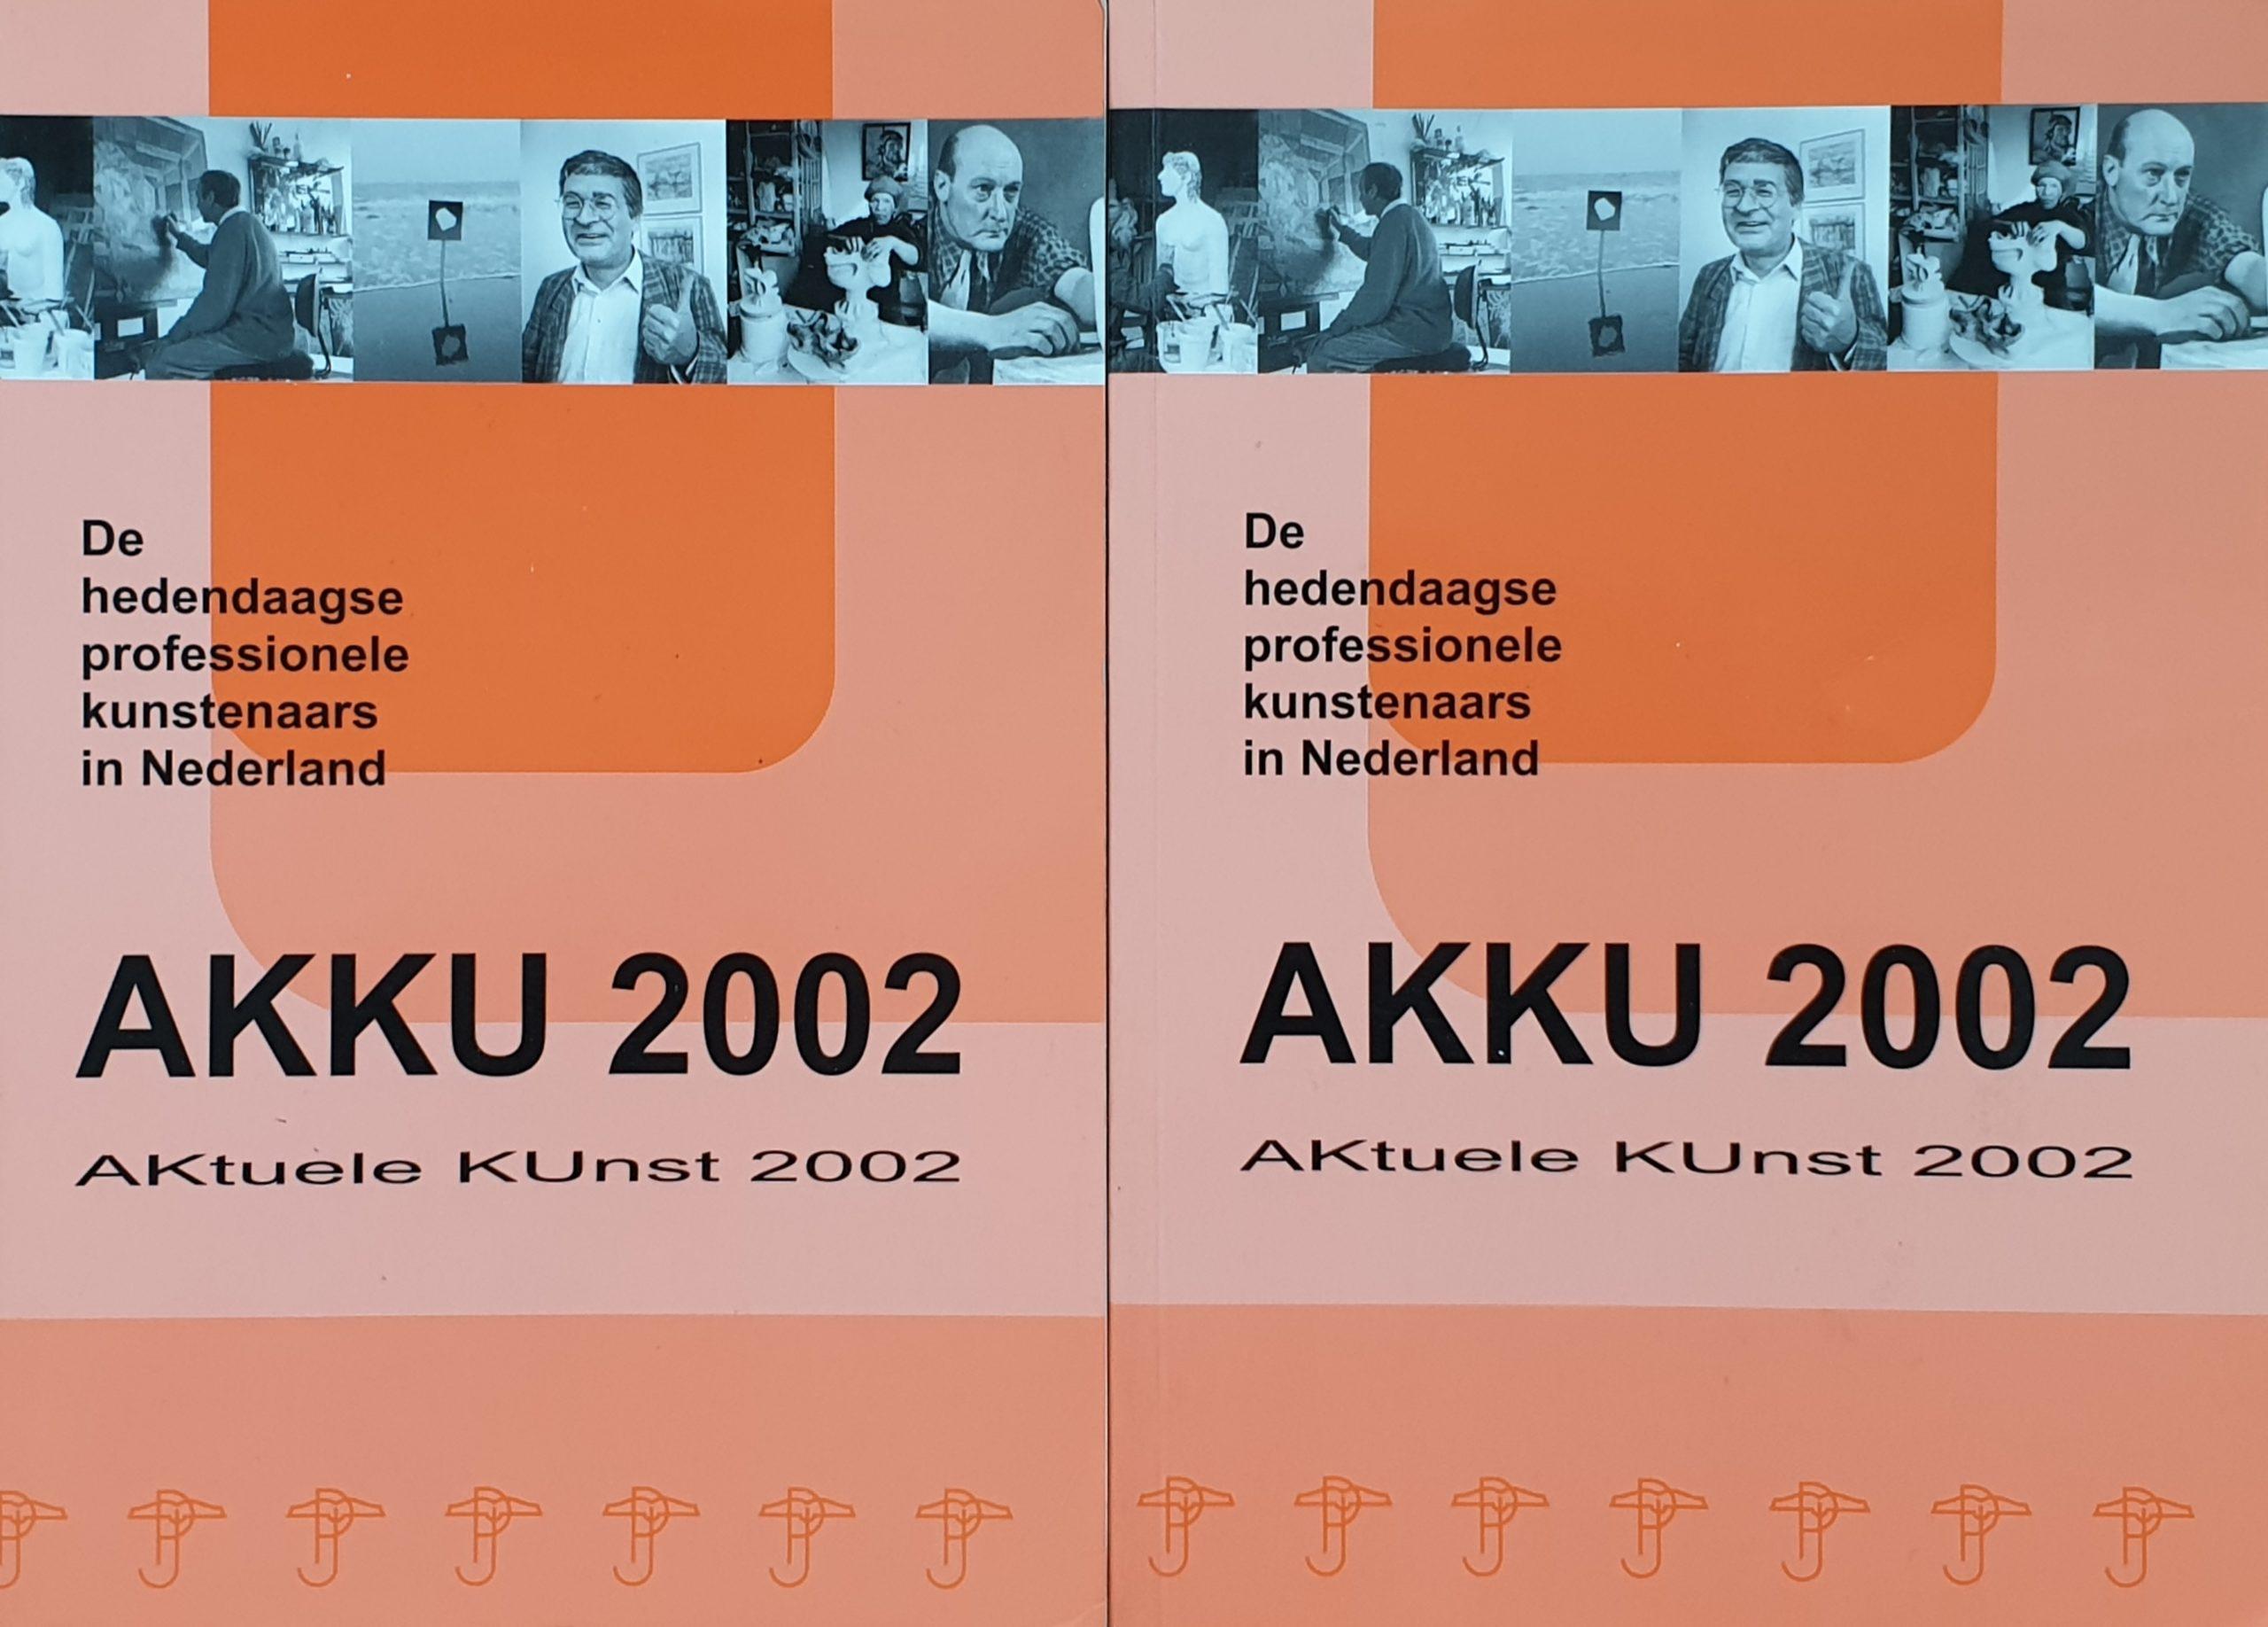 AKKU 2002 aktuele kunst actuele kunst 90-805707-2-9 lexicon kunstlexicon kunstenaarslexicon kunstenaars kunstboek 9080570729 jacobs beeldend nederland beeldend benelux lexica biografisch handboek kunstschilders skoander.com